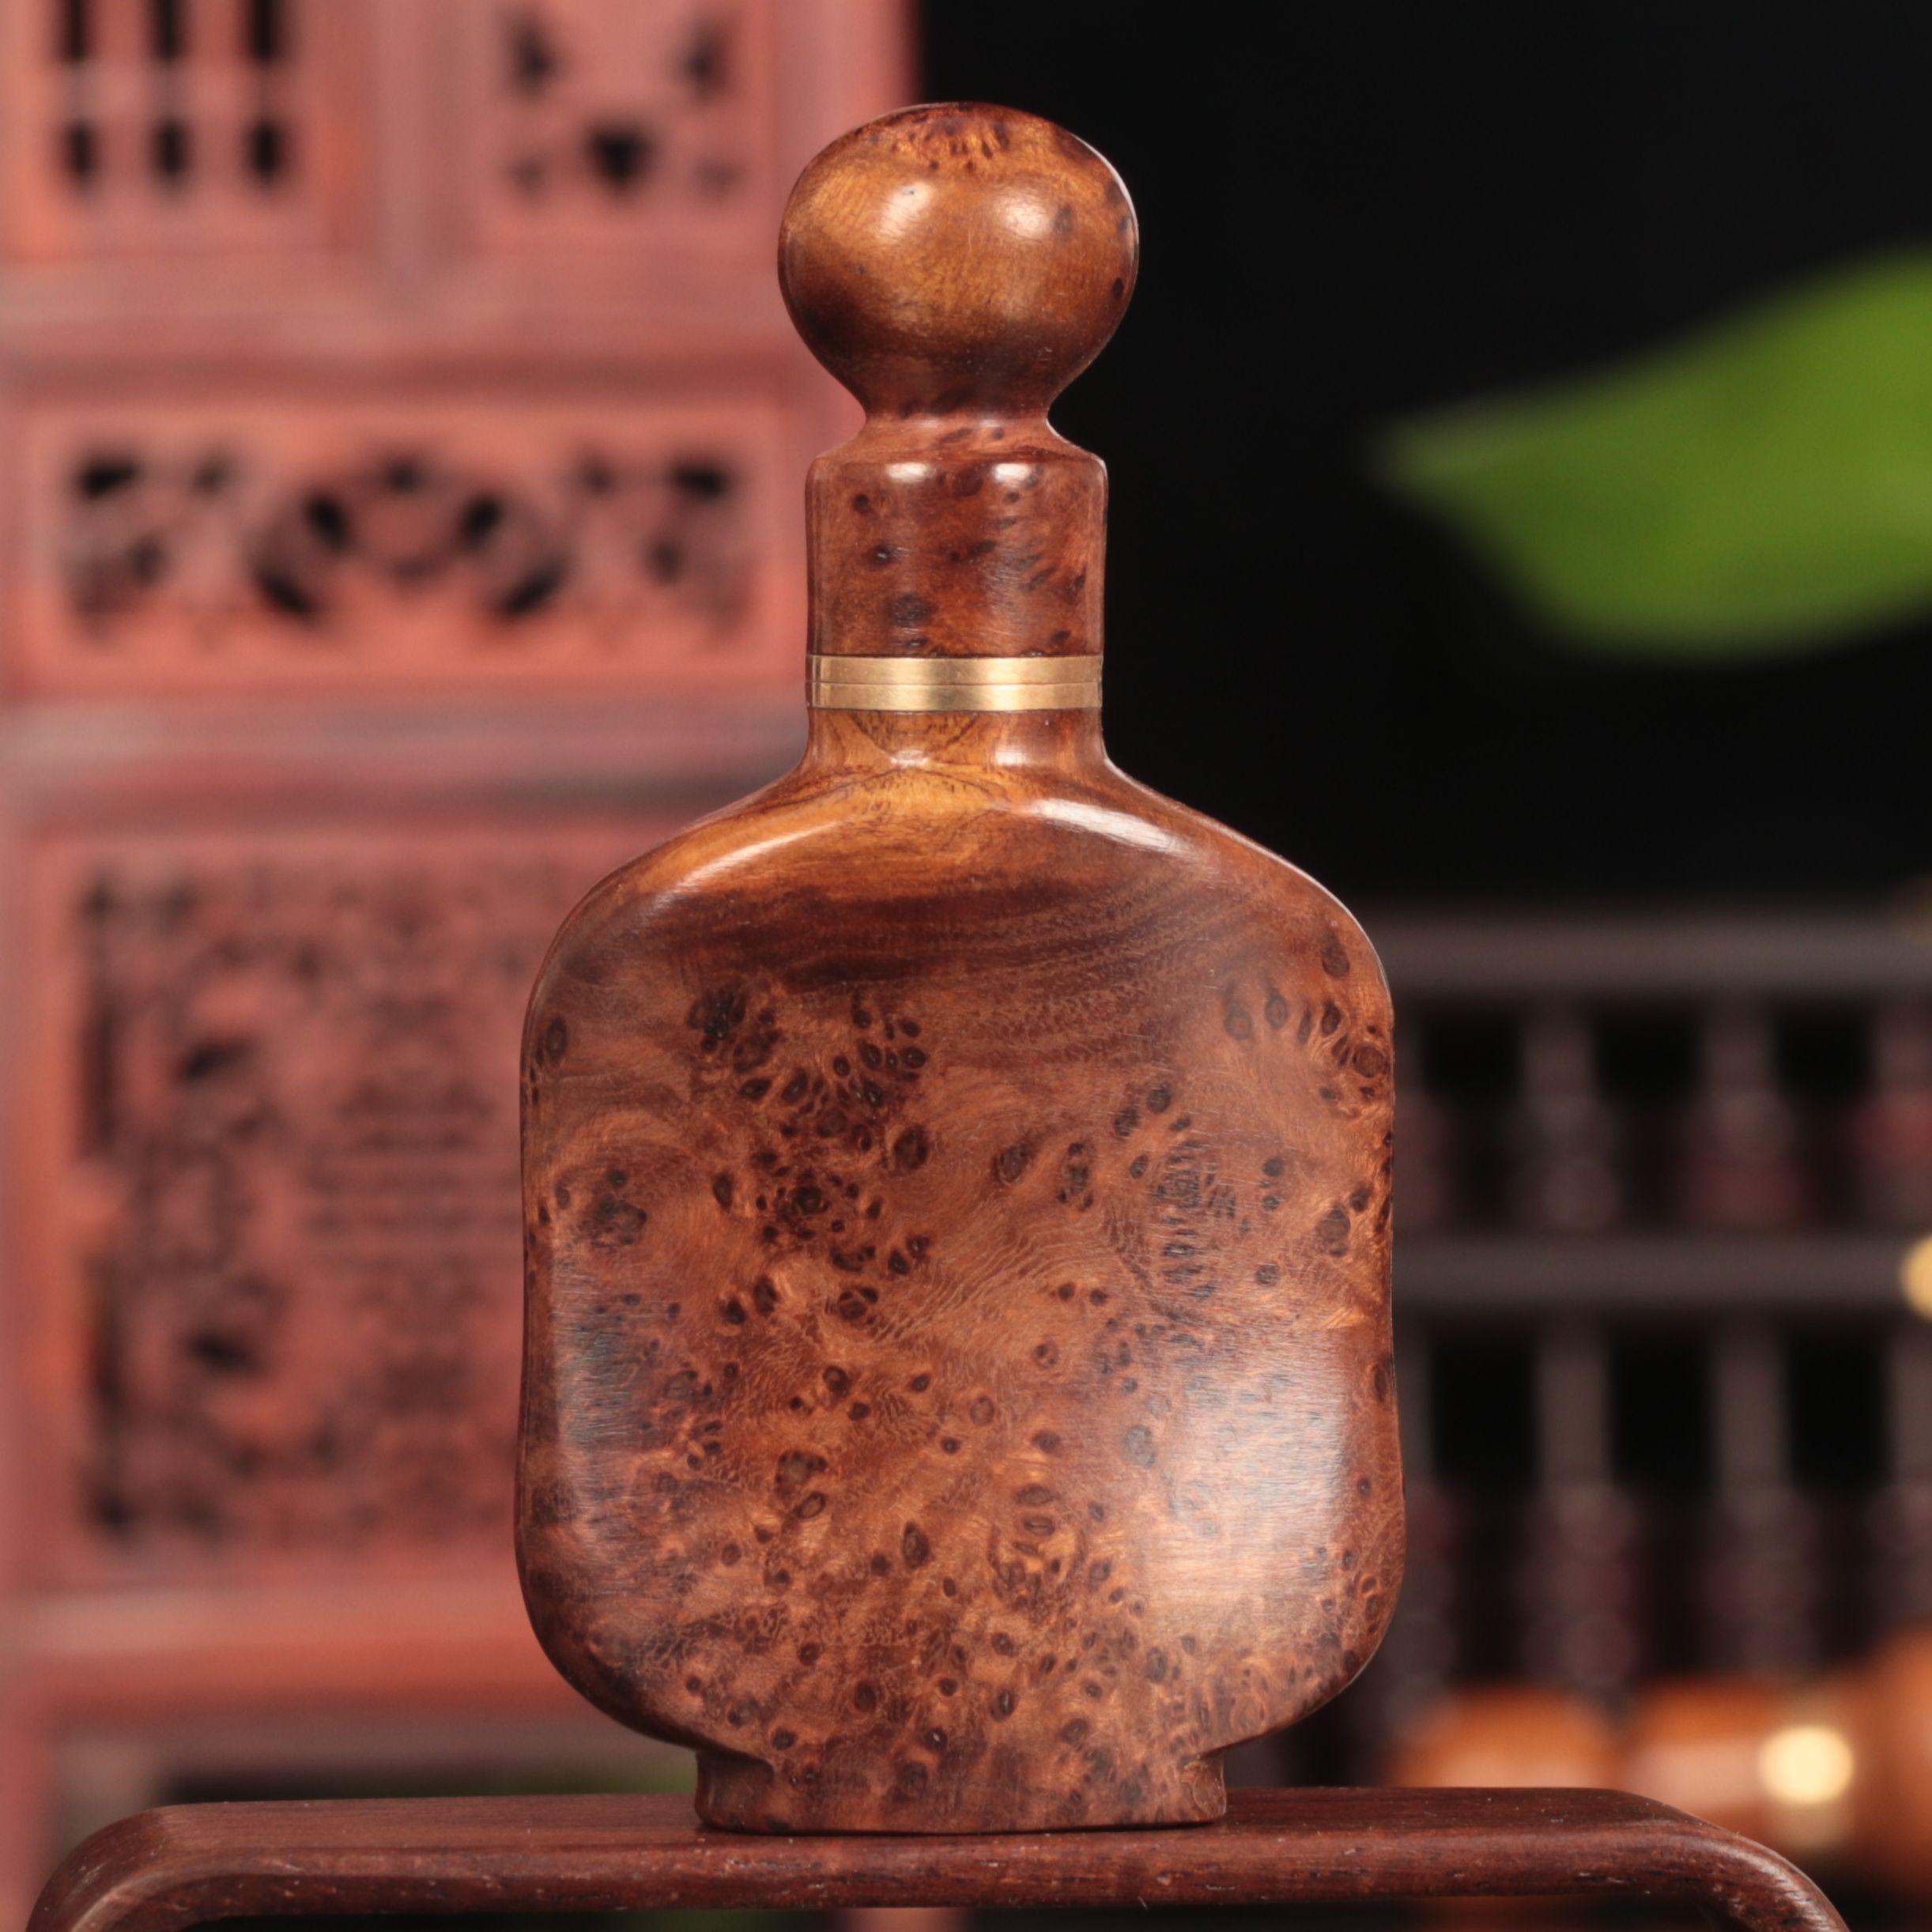 御赐品麻利疙瘩木质内画鼻烟壶 手工艺品古玩收藏鼻粉摆件瓶